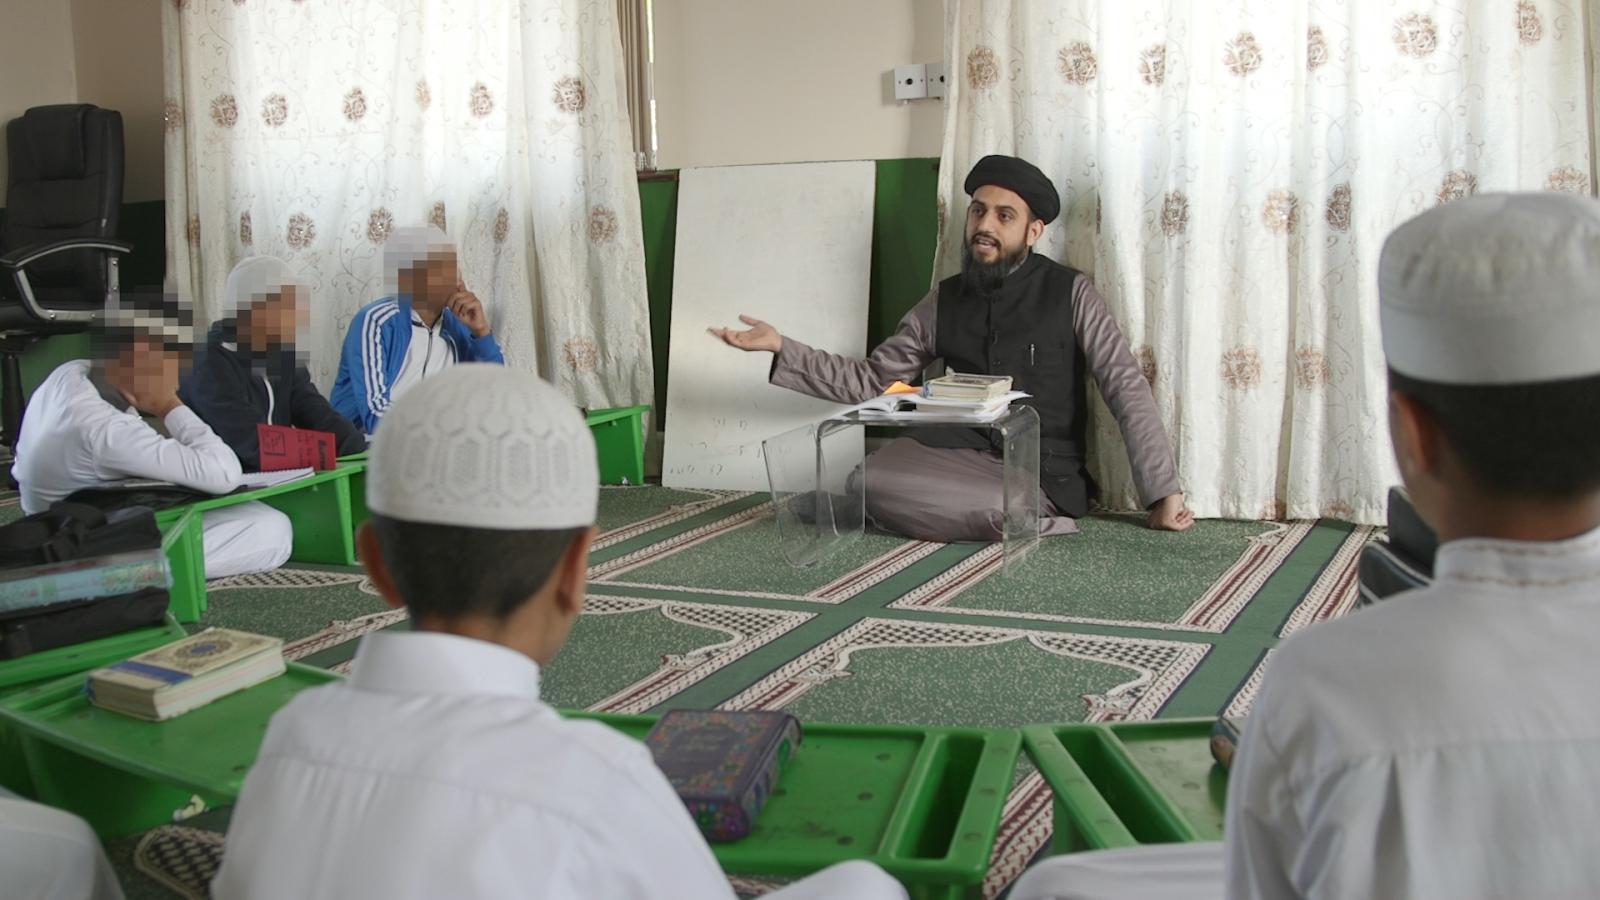 Al-Hira mosque Luton